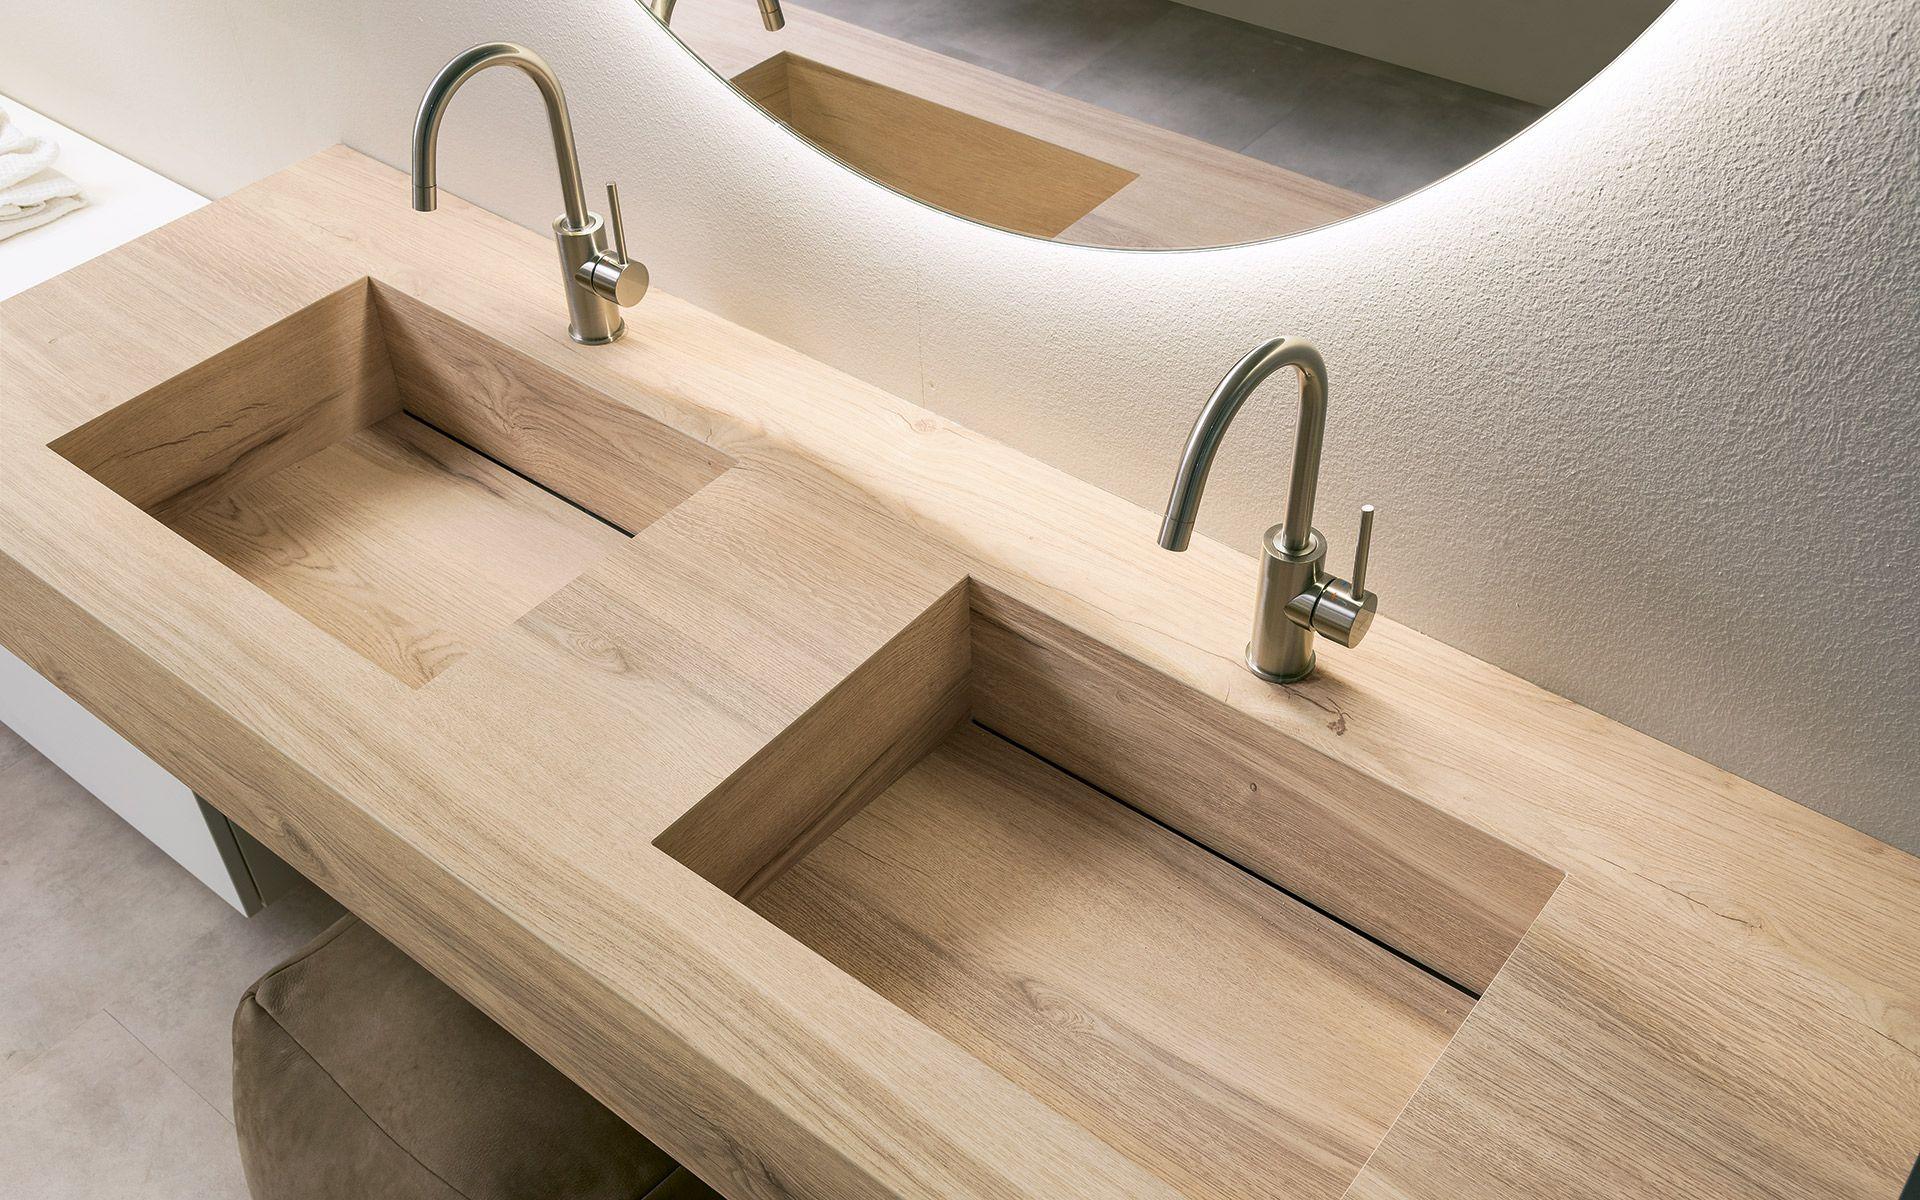 Legno Laminato Per Mobili vasche integrate per bagno, top in laminato stratificato hpl